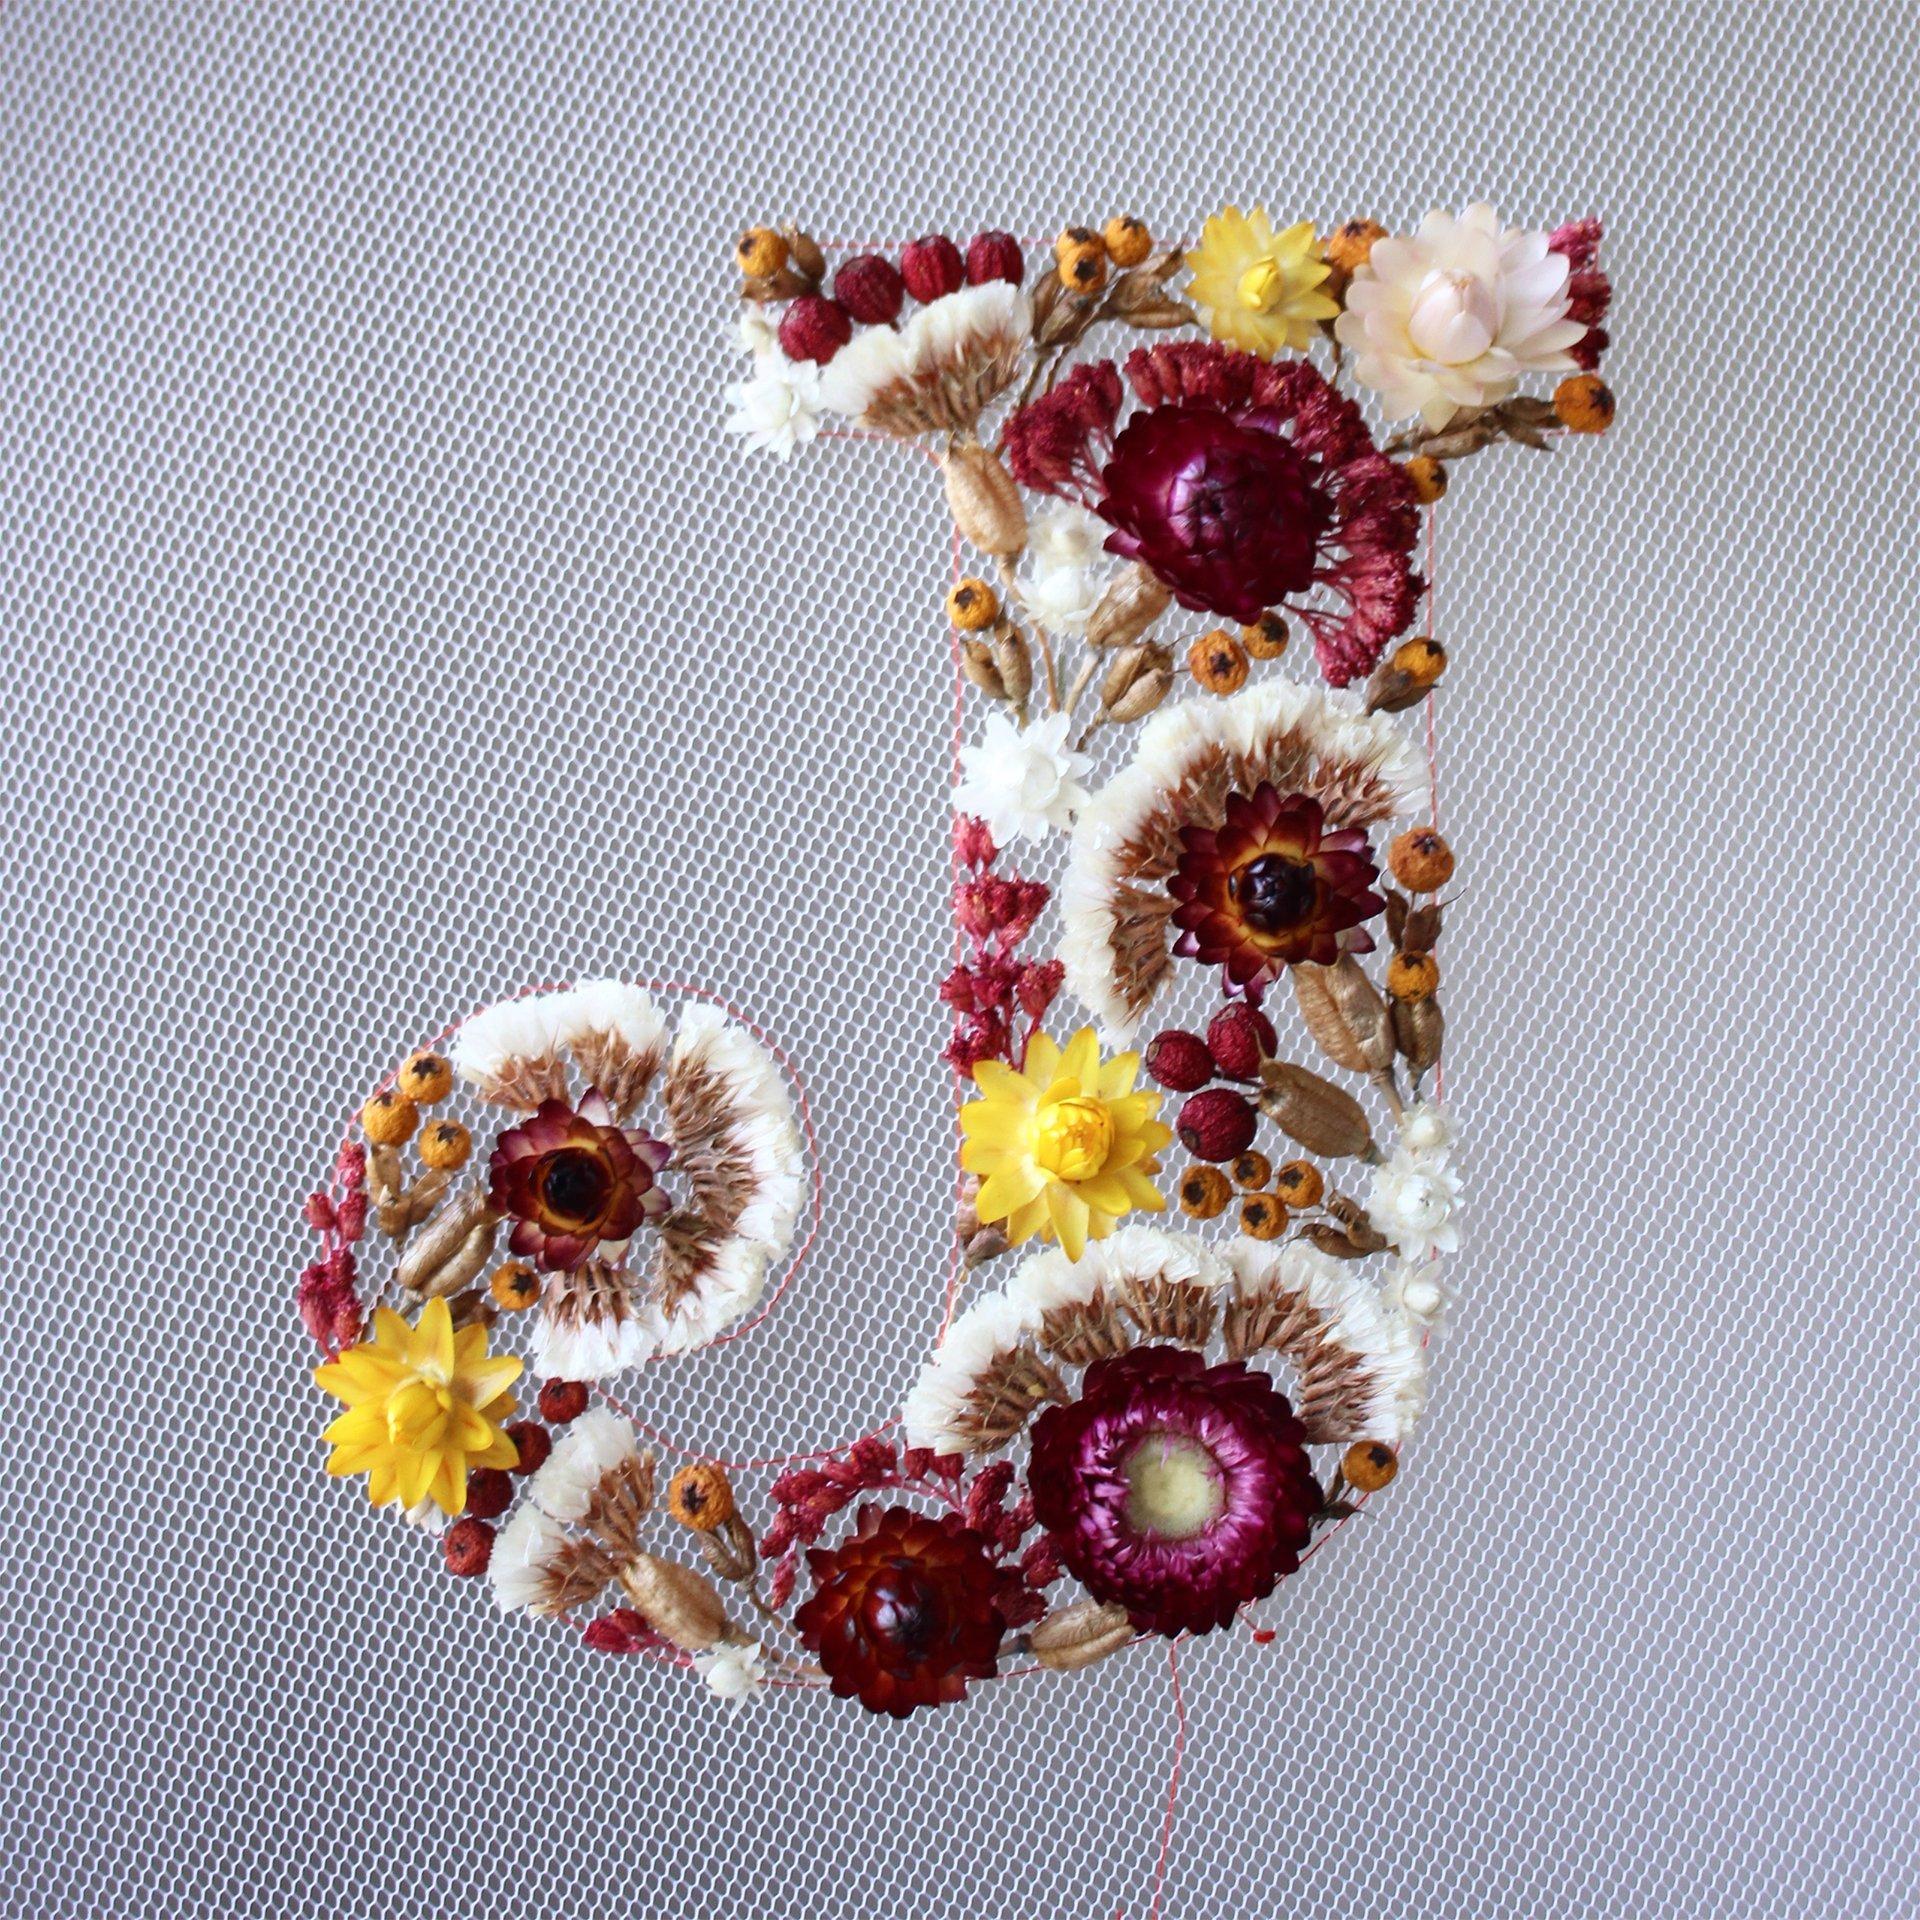 Intervista Olga Prinku, creatrice ricami in tulle, fiori secchi, lettera